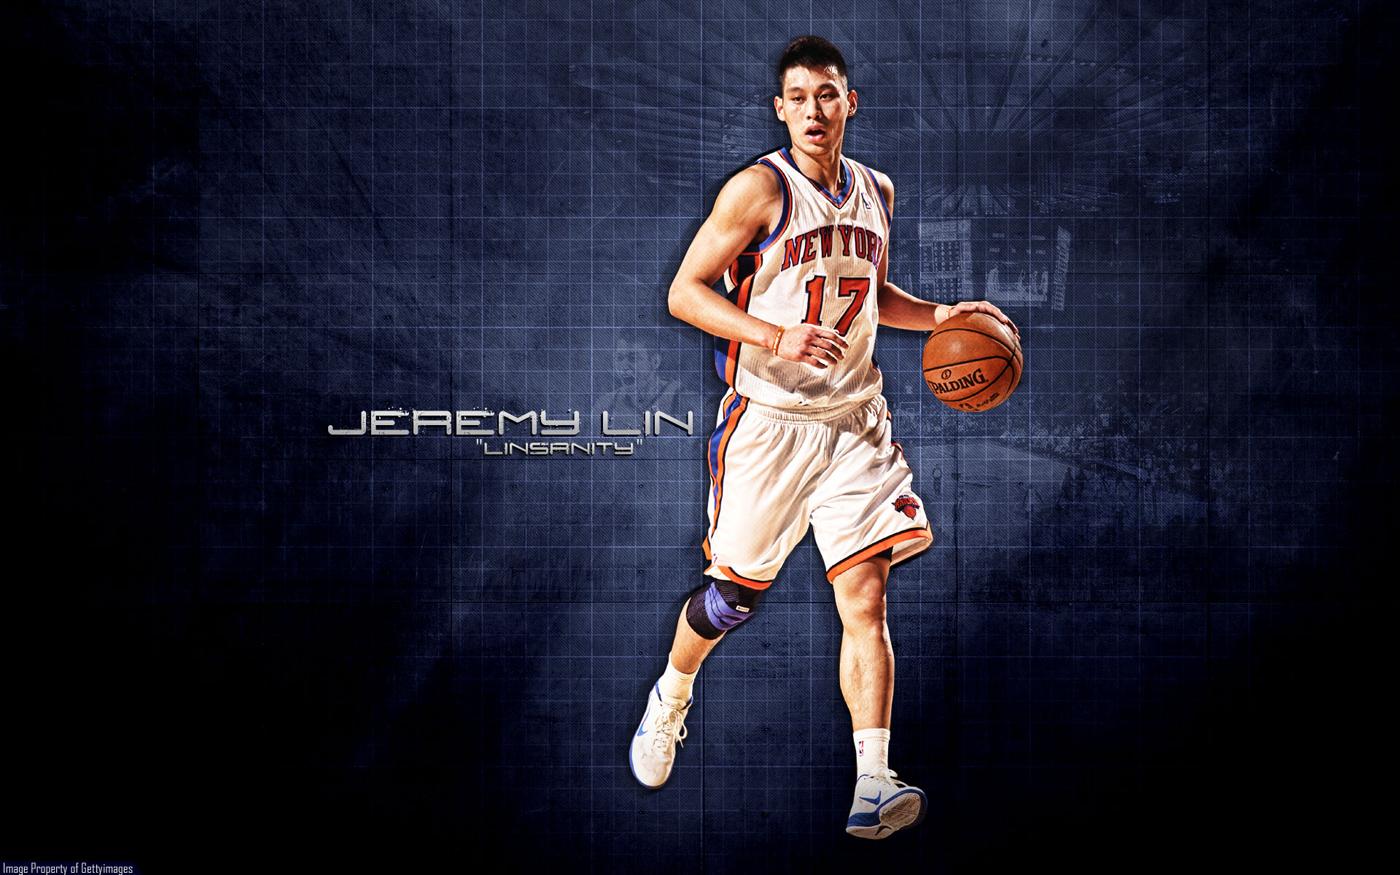 http://2.bp.blogspot.com/-gXs6mRxBm2s/UD-gSRGWwuI/AAAAAAAAFxA/HWymviWiSO4/s1600/Knicks-Linsanity-Jeremy-Lin-New-Basketball-Wallpaper.png